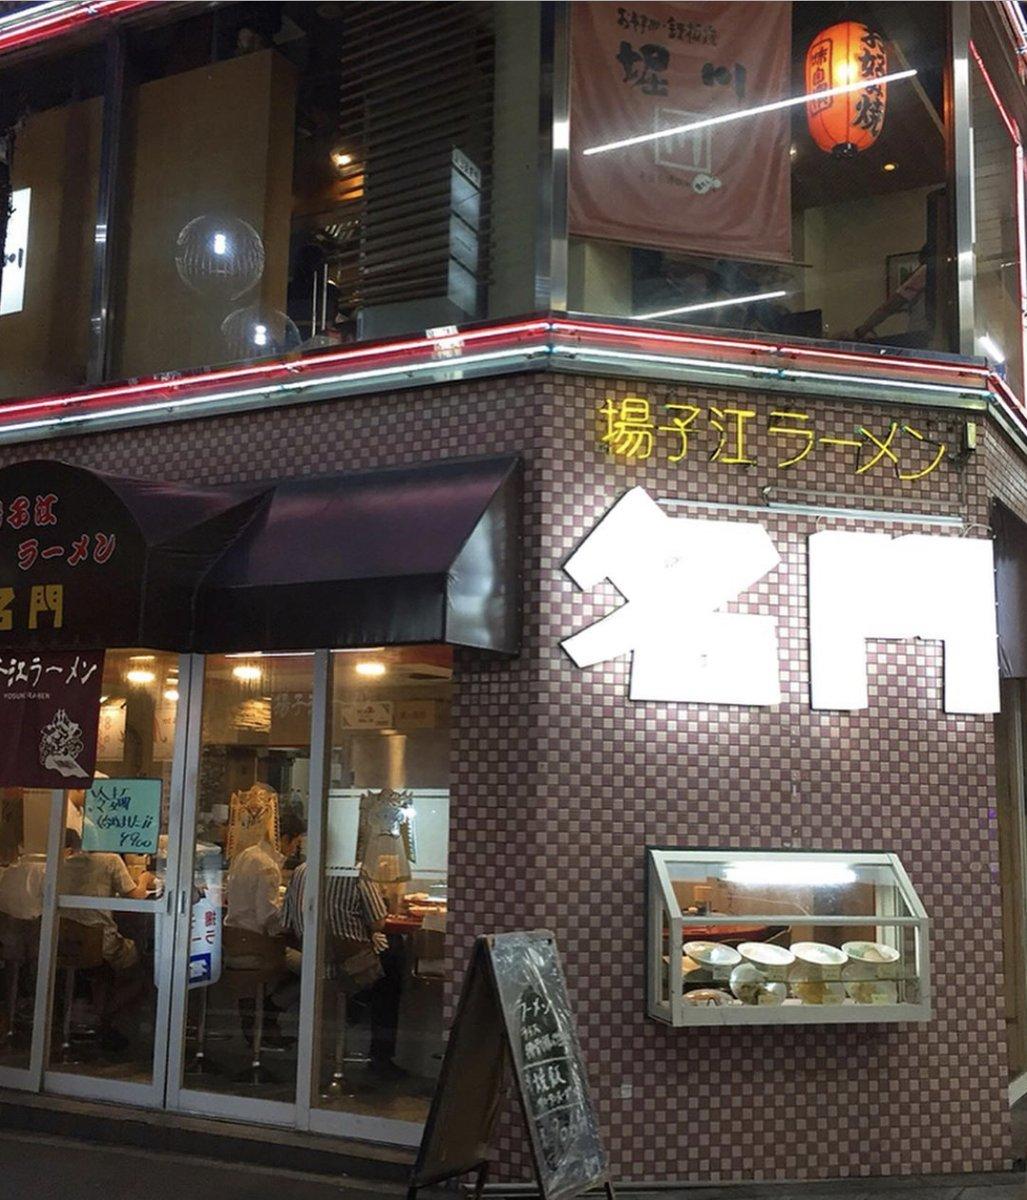 またまたやってきました。 飲んだ後の〆はやはりラーメンです。 #揚子江ラーメン名門 #〆めラーメン #ラーメン #大阪ラーメン